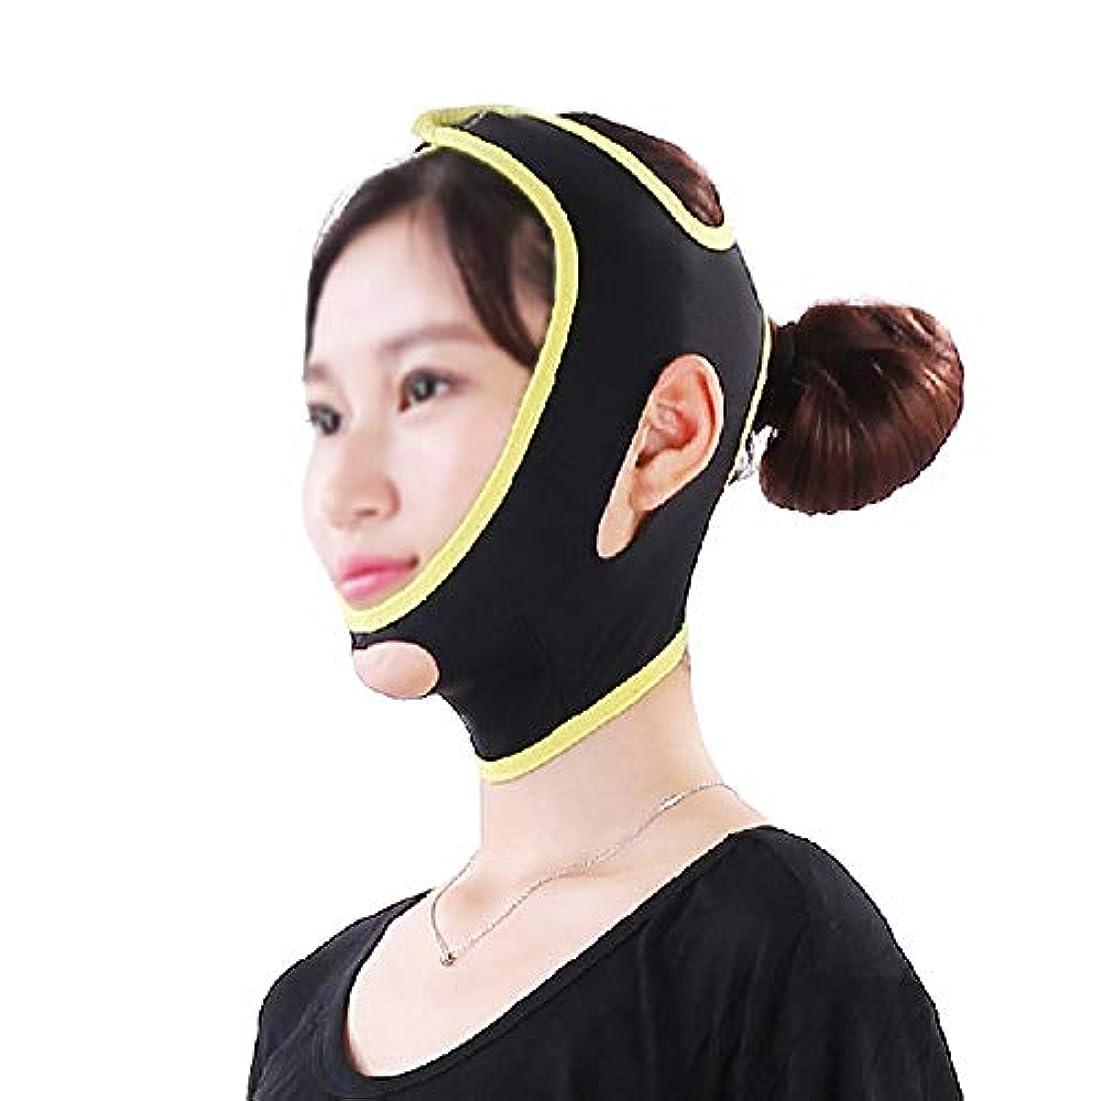 セマフォ友情起こるXHLMRMJ 顔と首のリフト、Vフェイスマスクは顔面の輪郭を強調し、咬筋の引き締めあごの超弾性包帯を和らげます (Size : L)